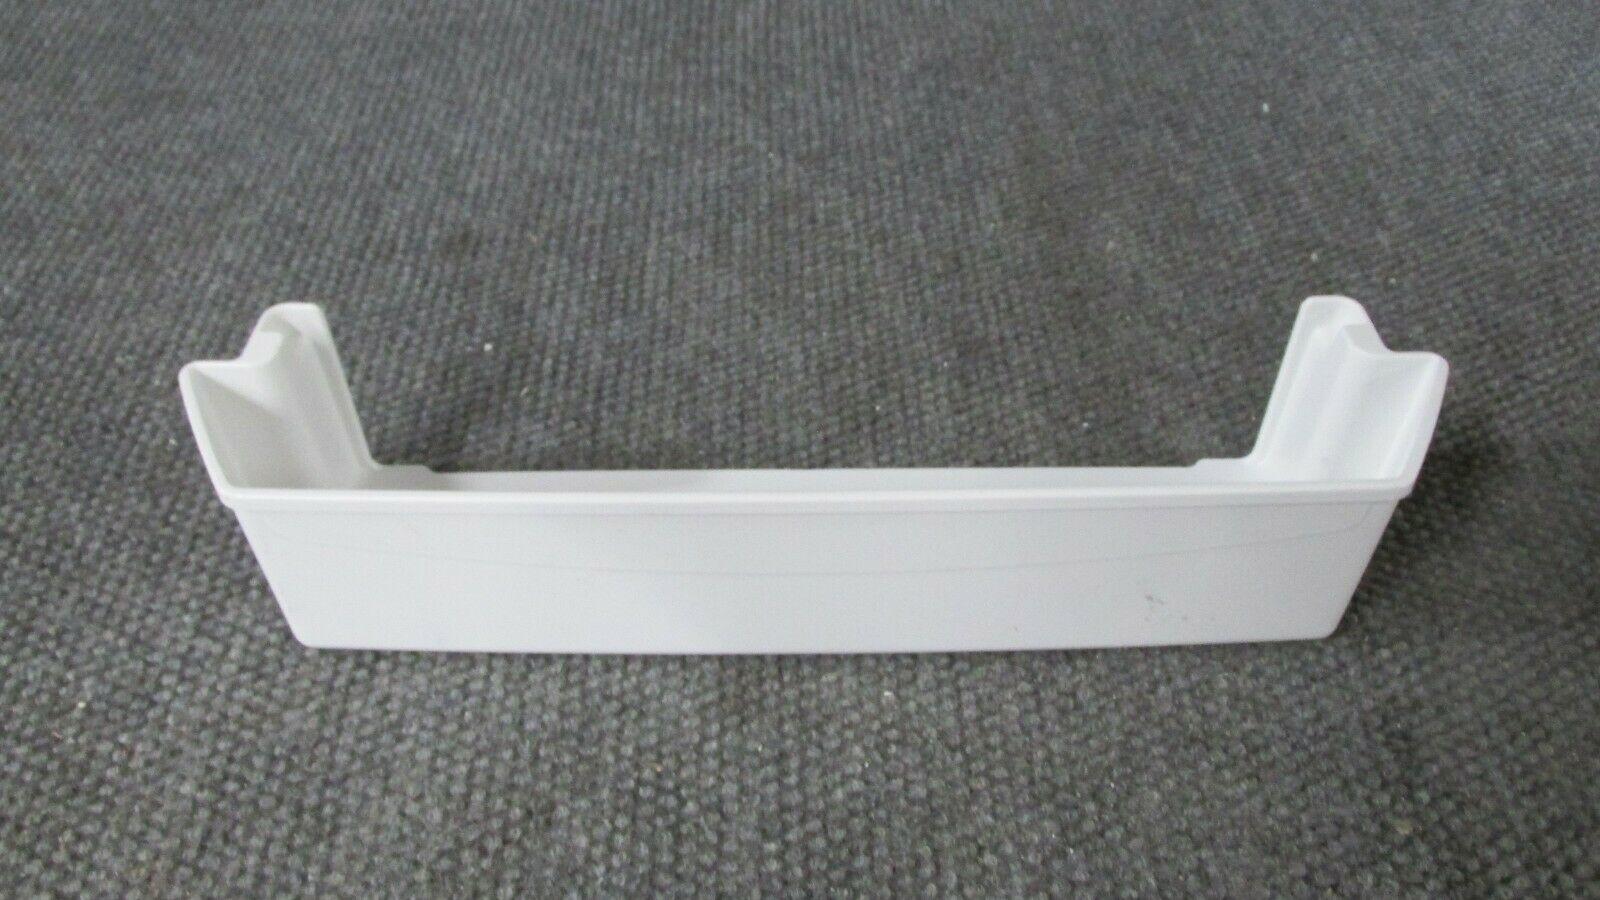 12311206 AMANA REFRIGERATOR DOOR BIN SHELF - $18.00